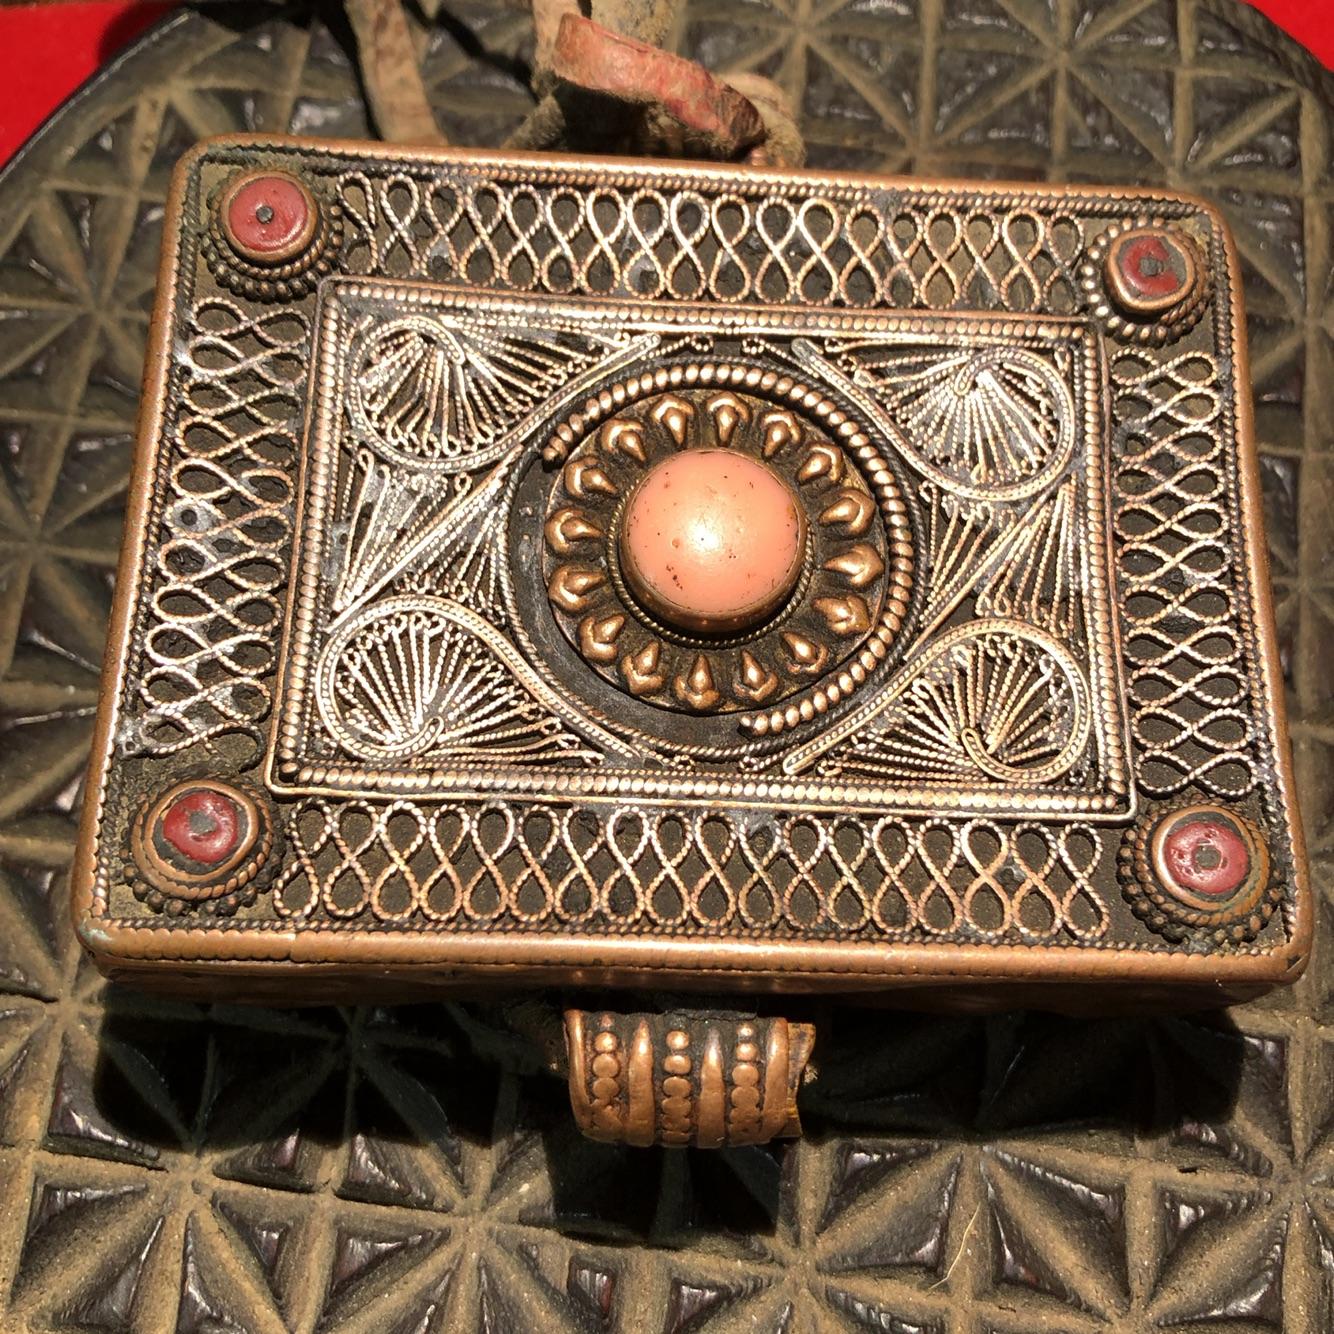 西藏藏传 特色手工艺 真品精美大尺寸老嘎呜盒 佛教用品七珍宝